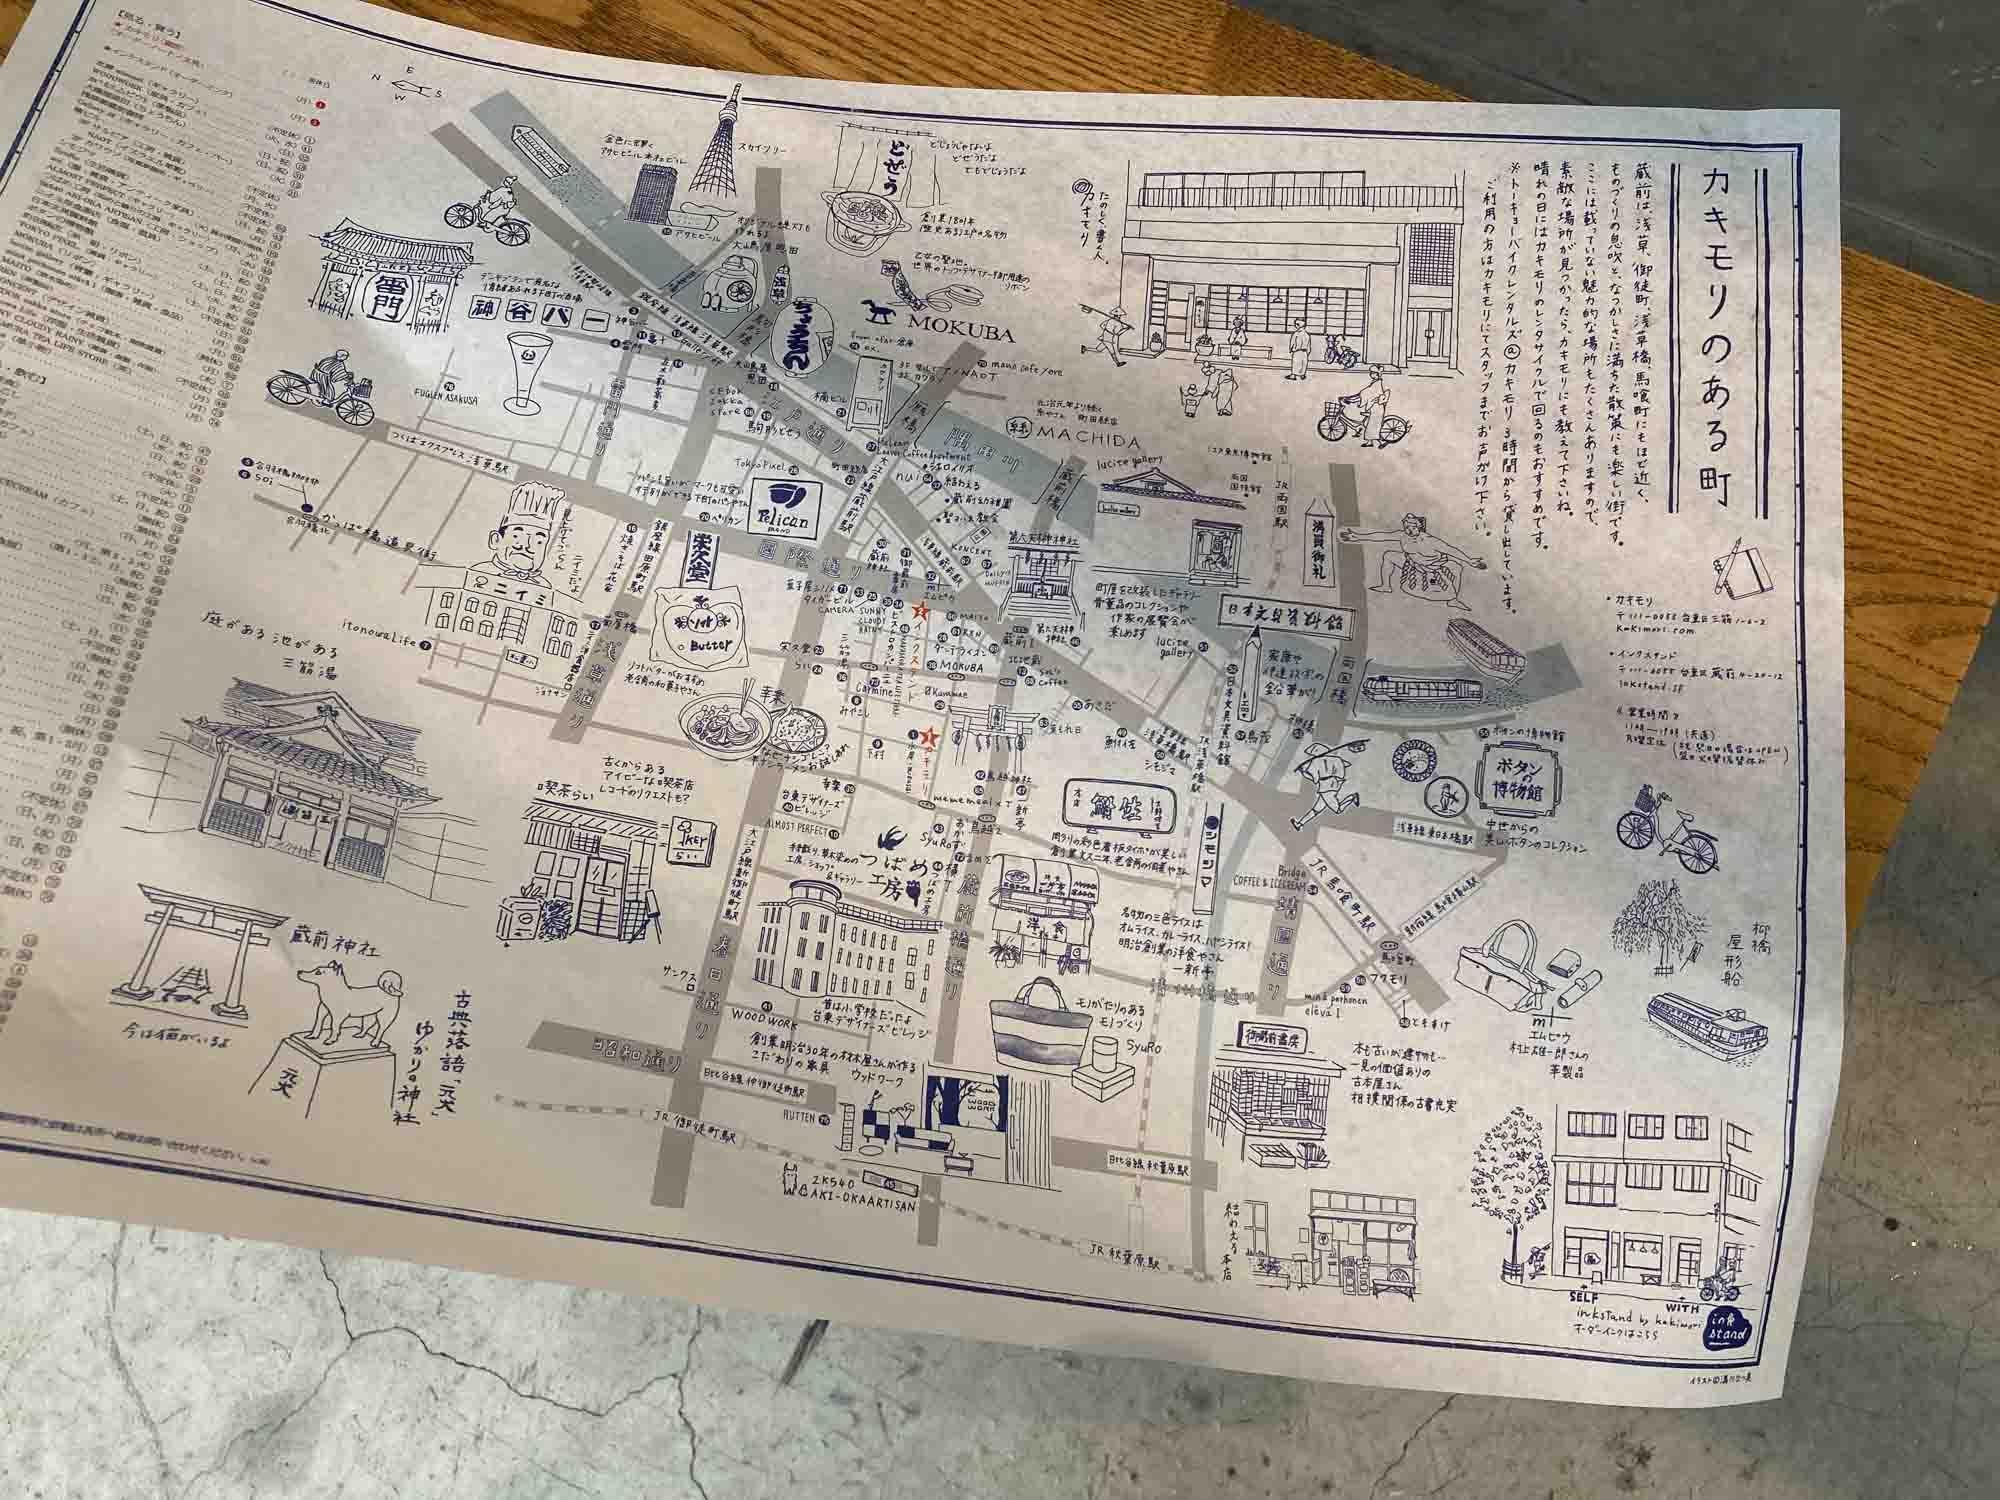 そしてカキモリでは、蔵前暮らしを楽しくしてくれる、手描きマップがもらえます。下町らしい老舗の名店から、おしゃれなリノベショップまで、たくさん載っています。